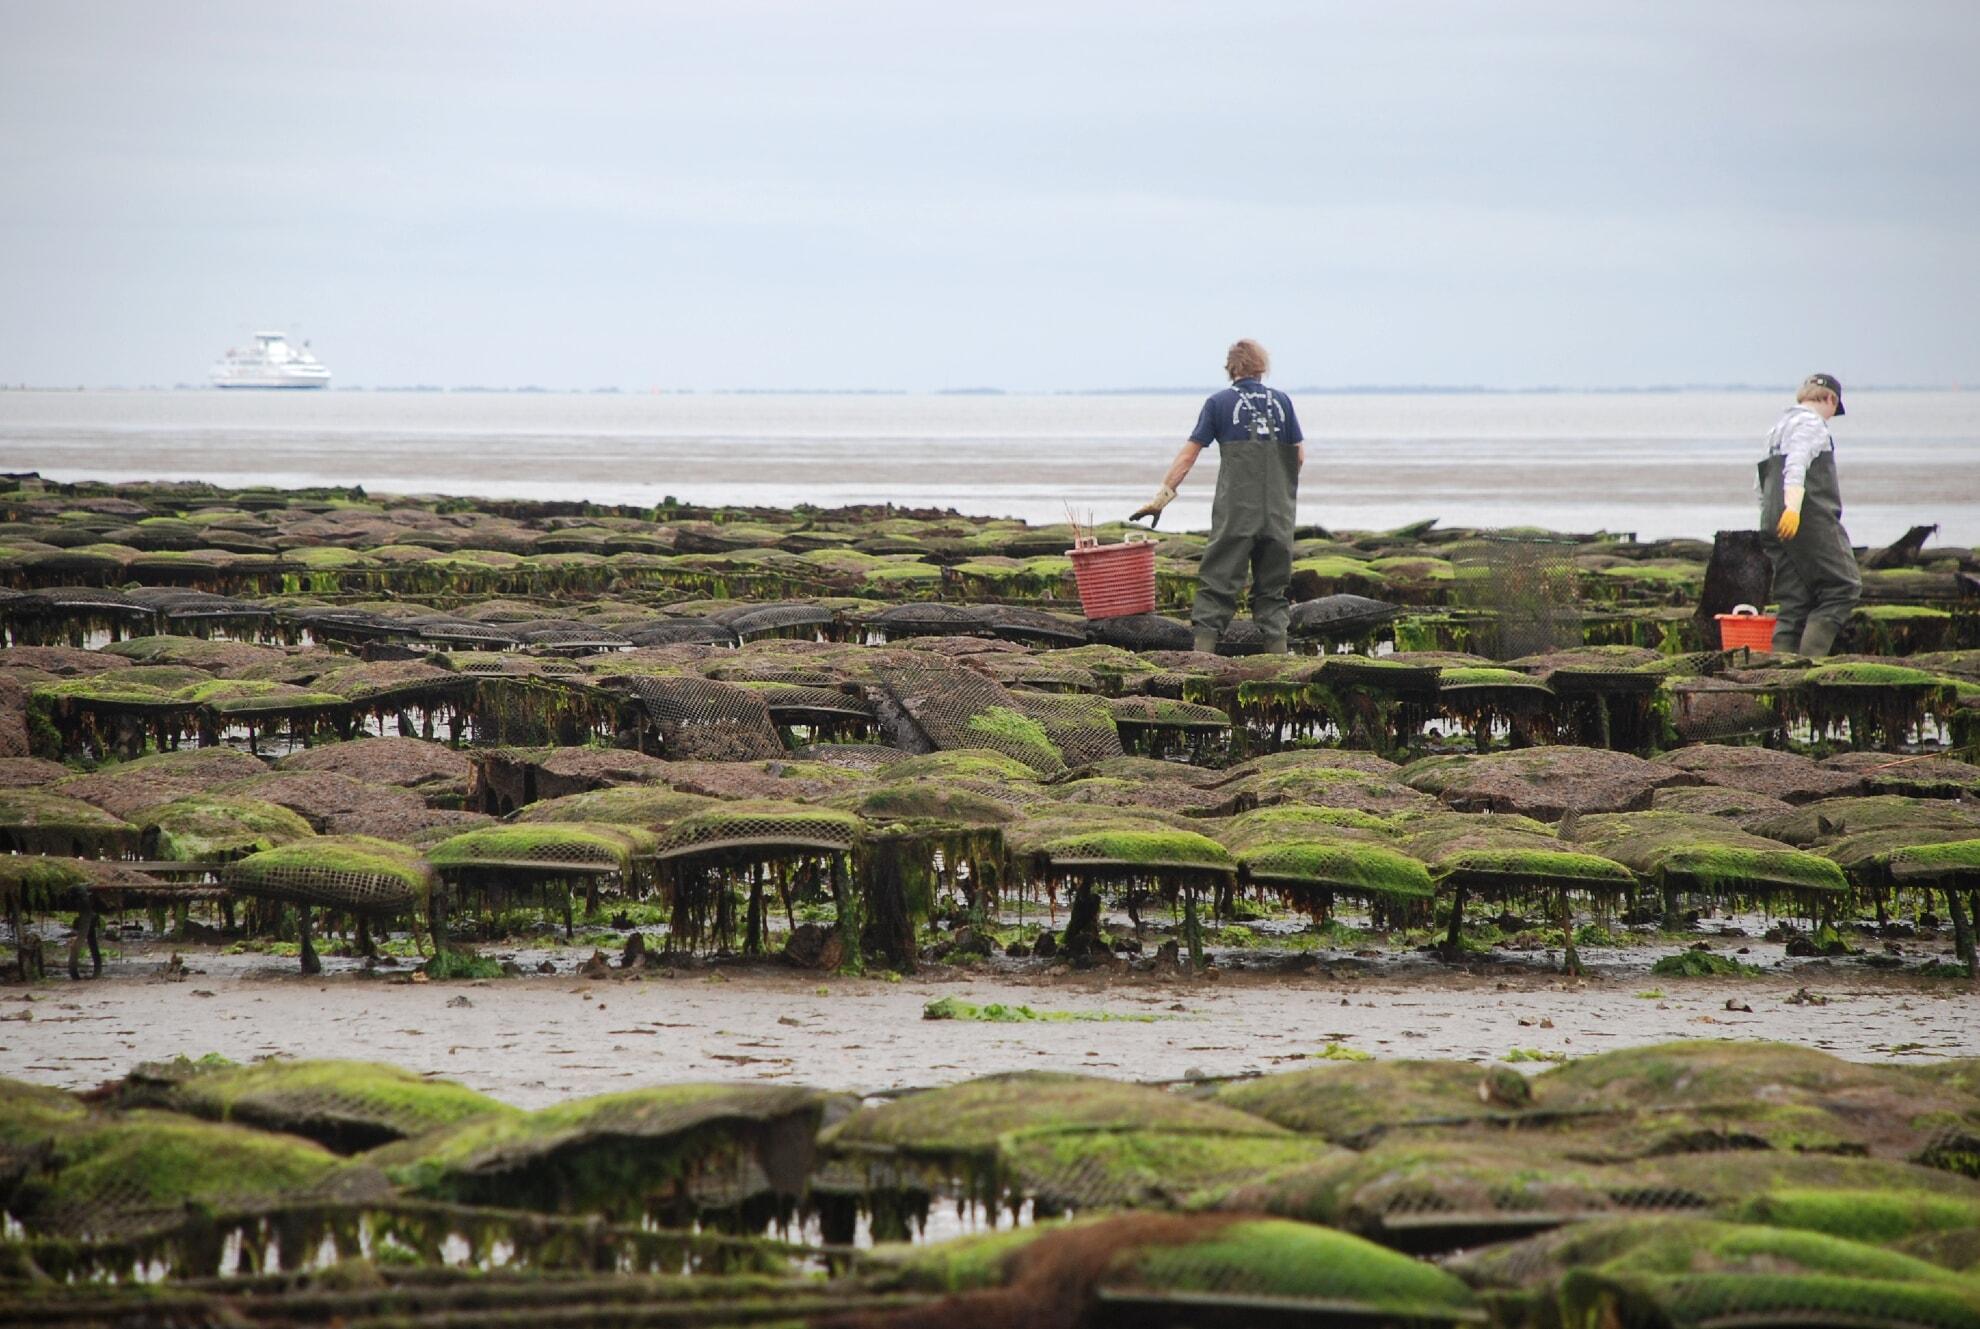 Austernfischer bei den Austernbänken vor List